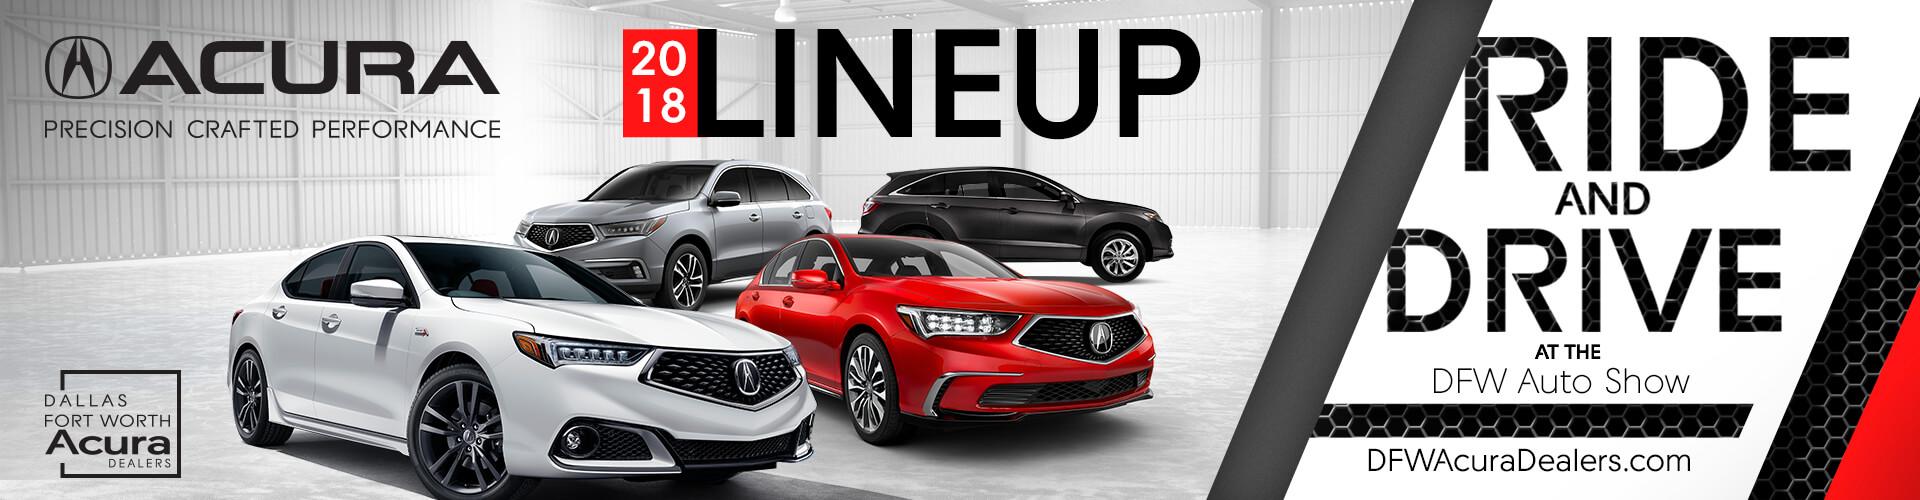 DFW Auto Show Ride And Drive Dallas Forth Worth Acura Dealers - Dallas car show 2018